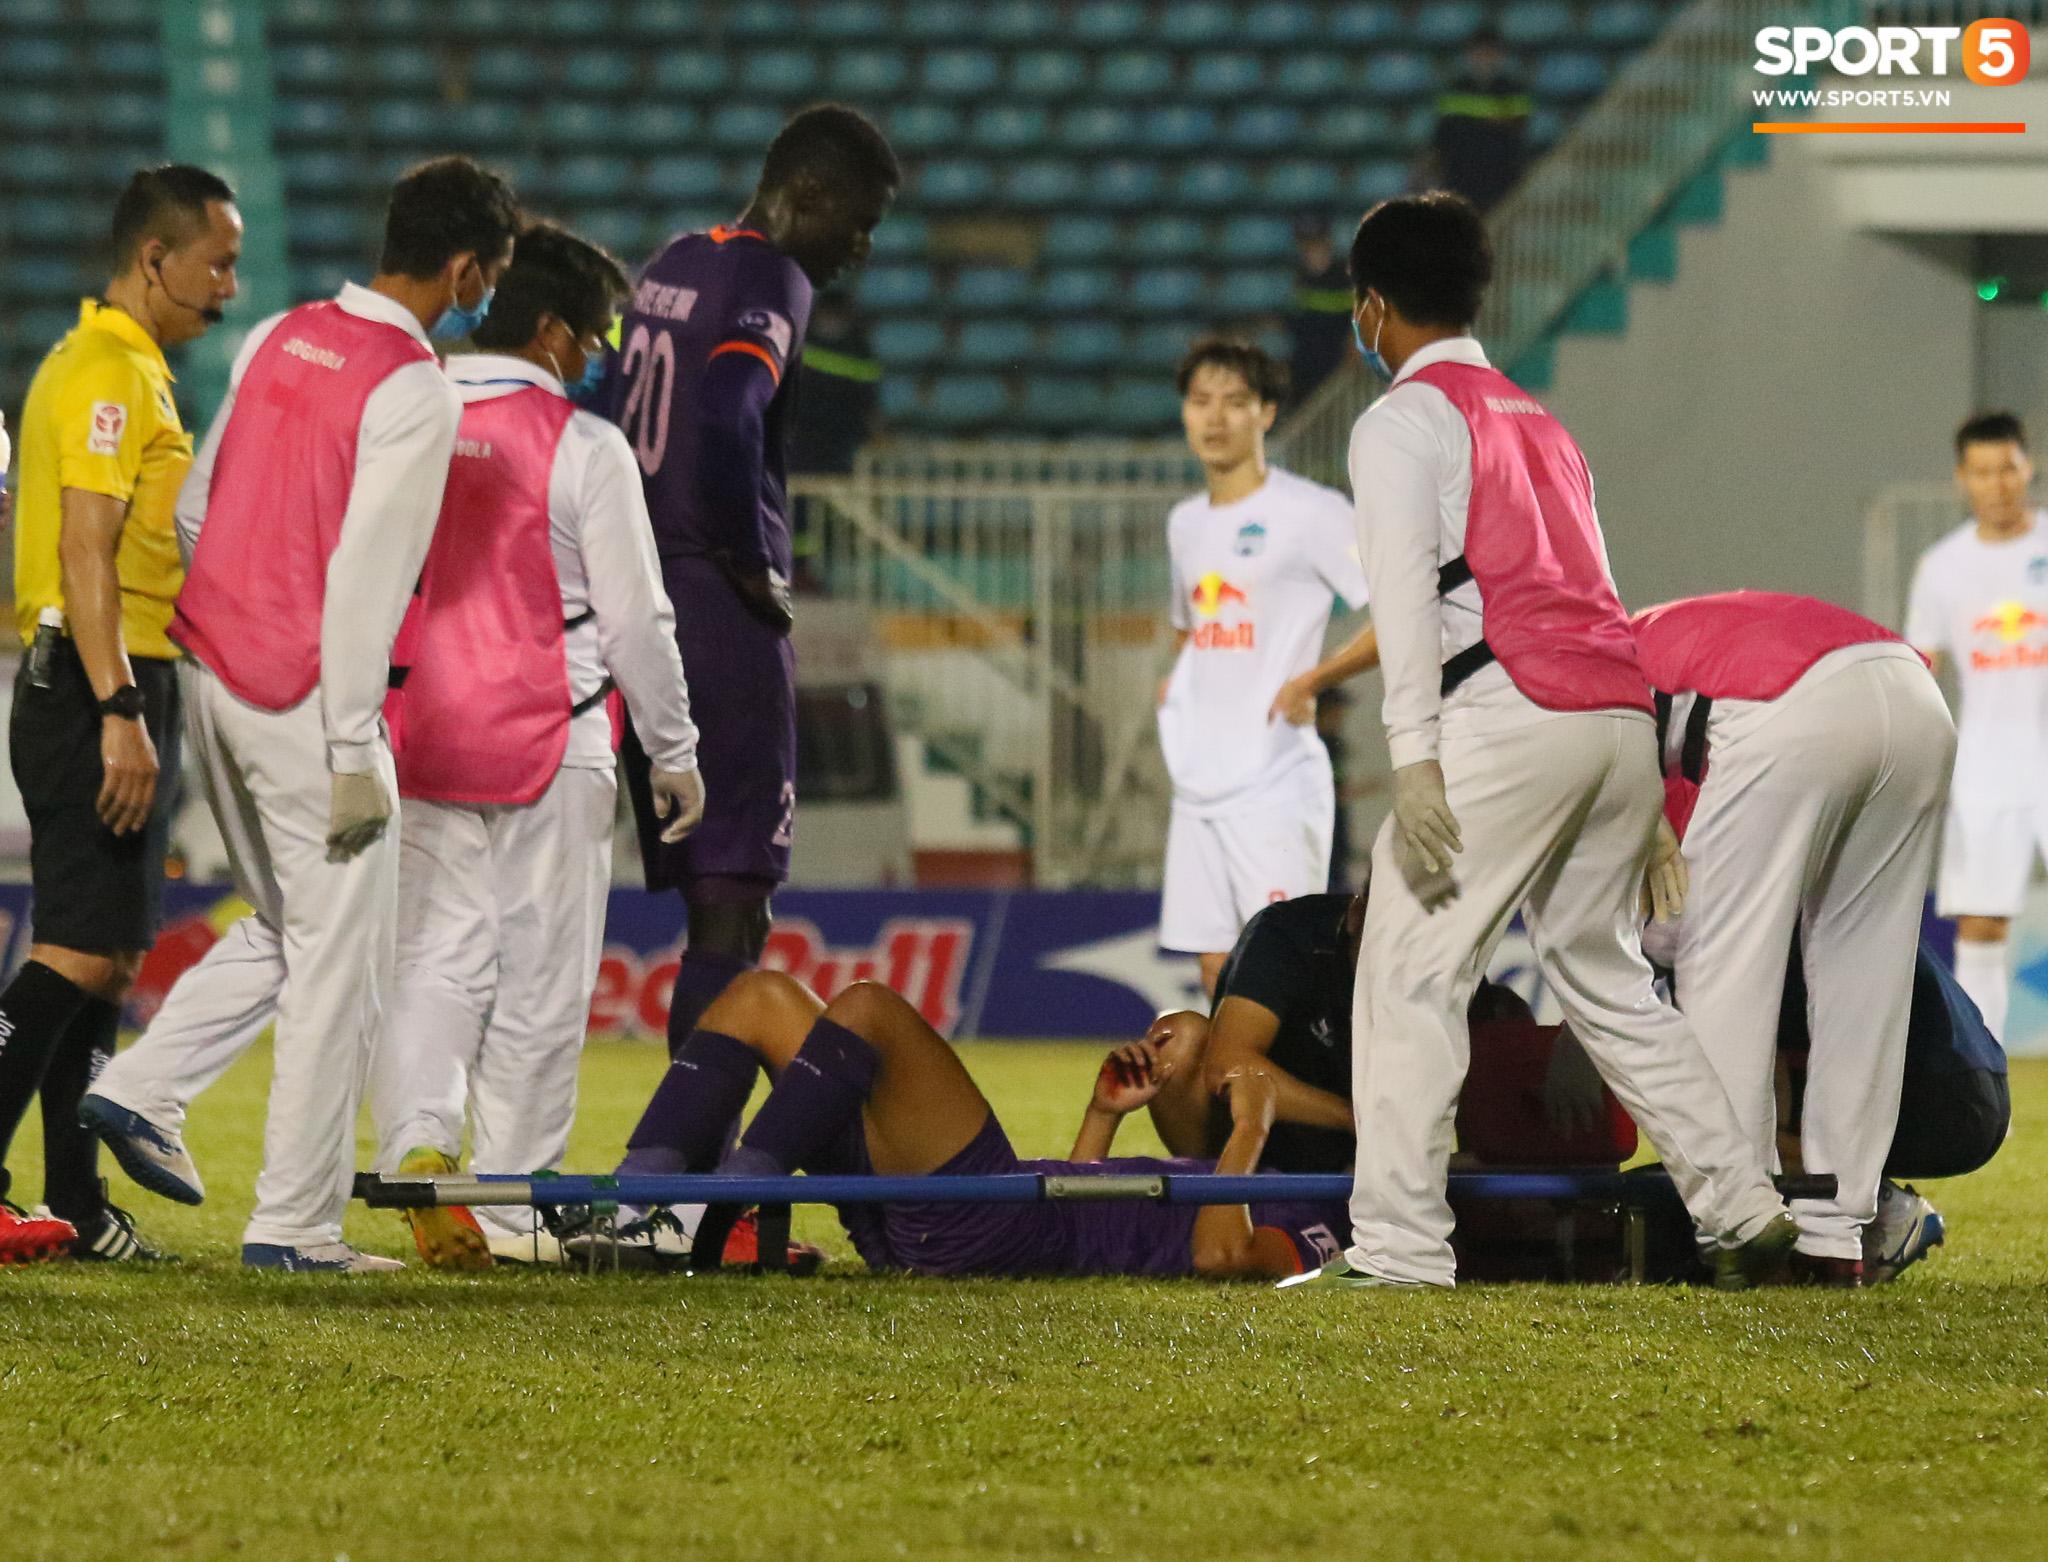 Cầu thủ Bình Dương chảy máu vẫn tiếp tục thi đấu, CLB HAGL bị tố chơi không fair-play - ảnh 3